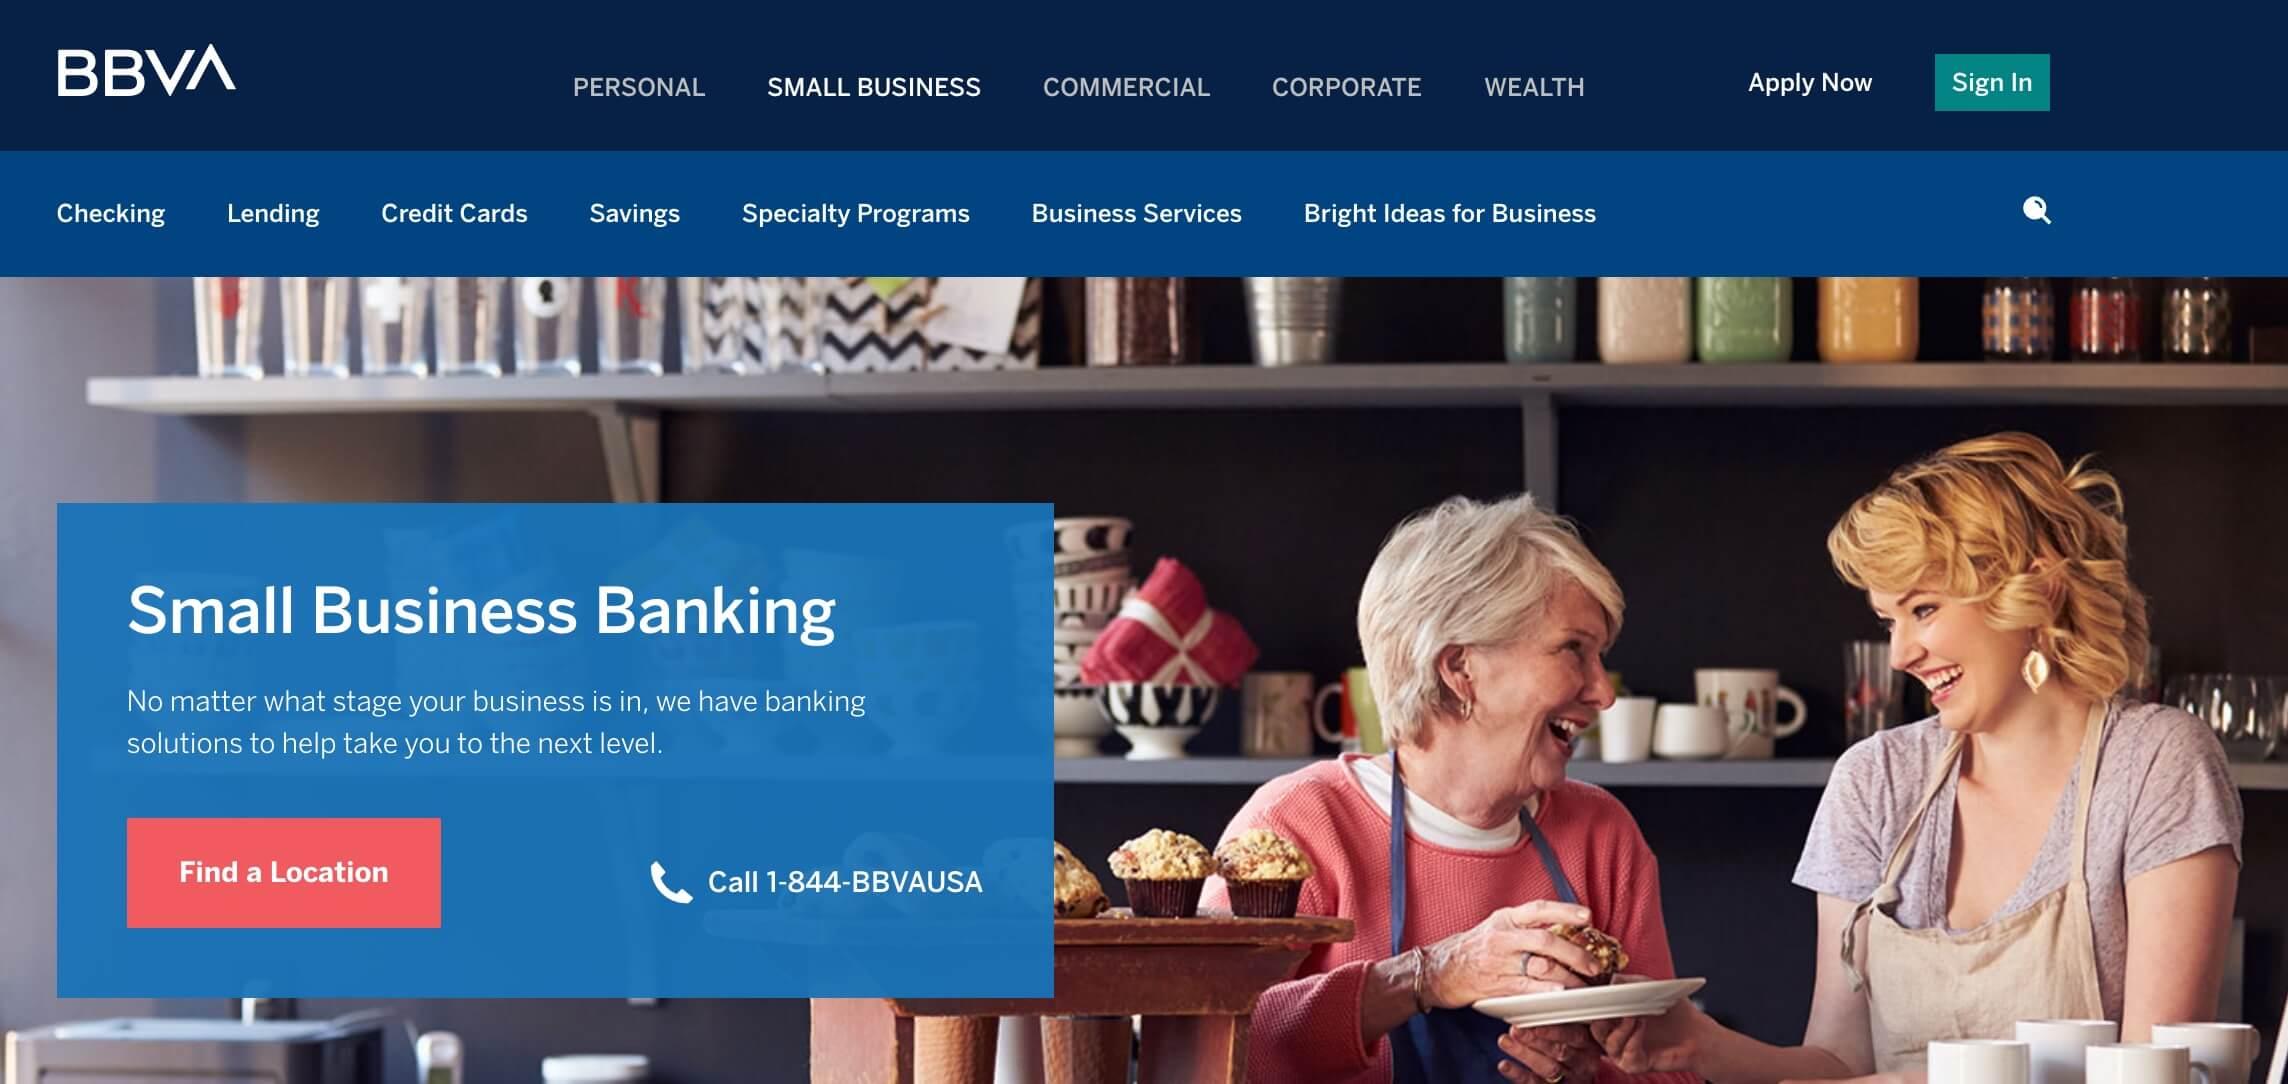 BBVA business banking